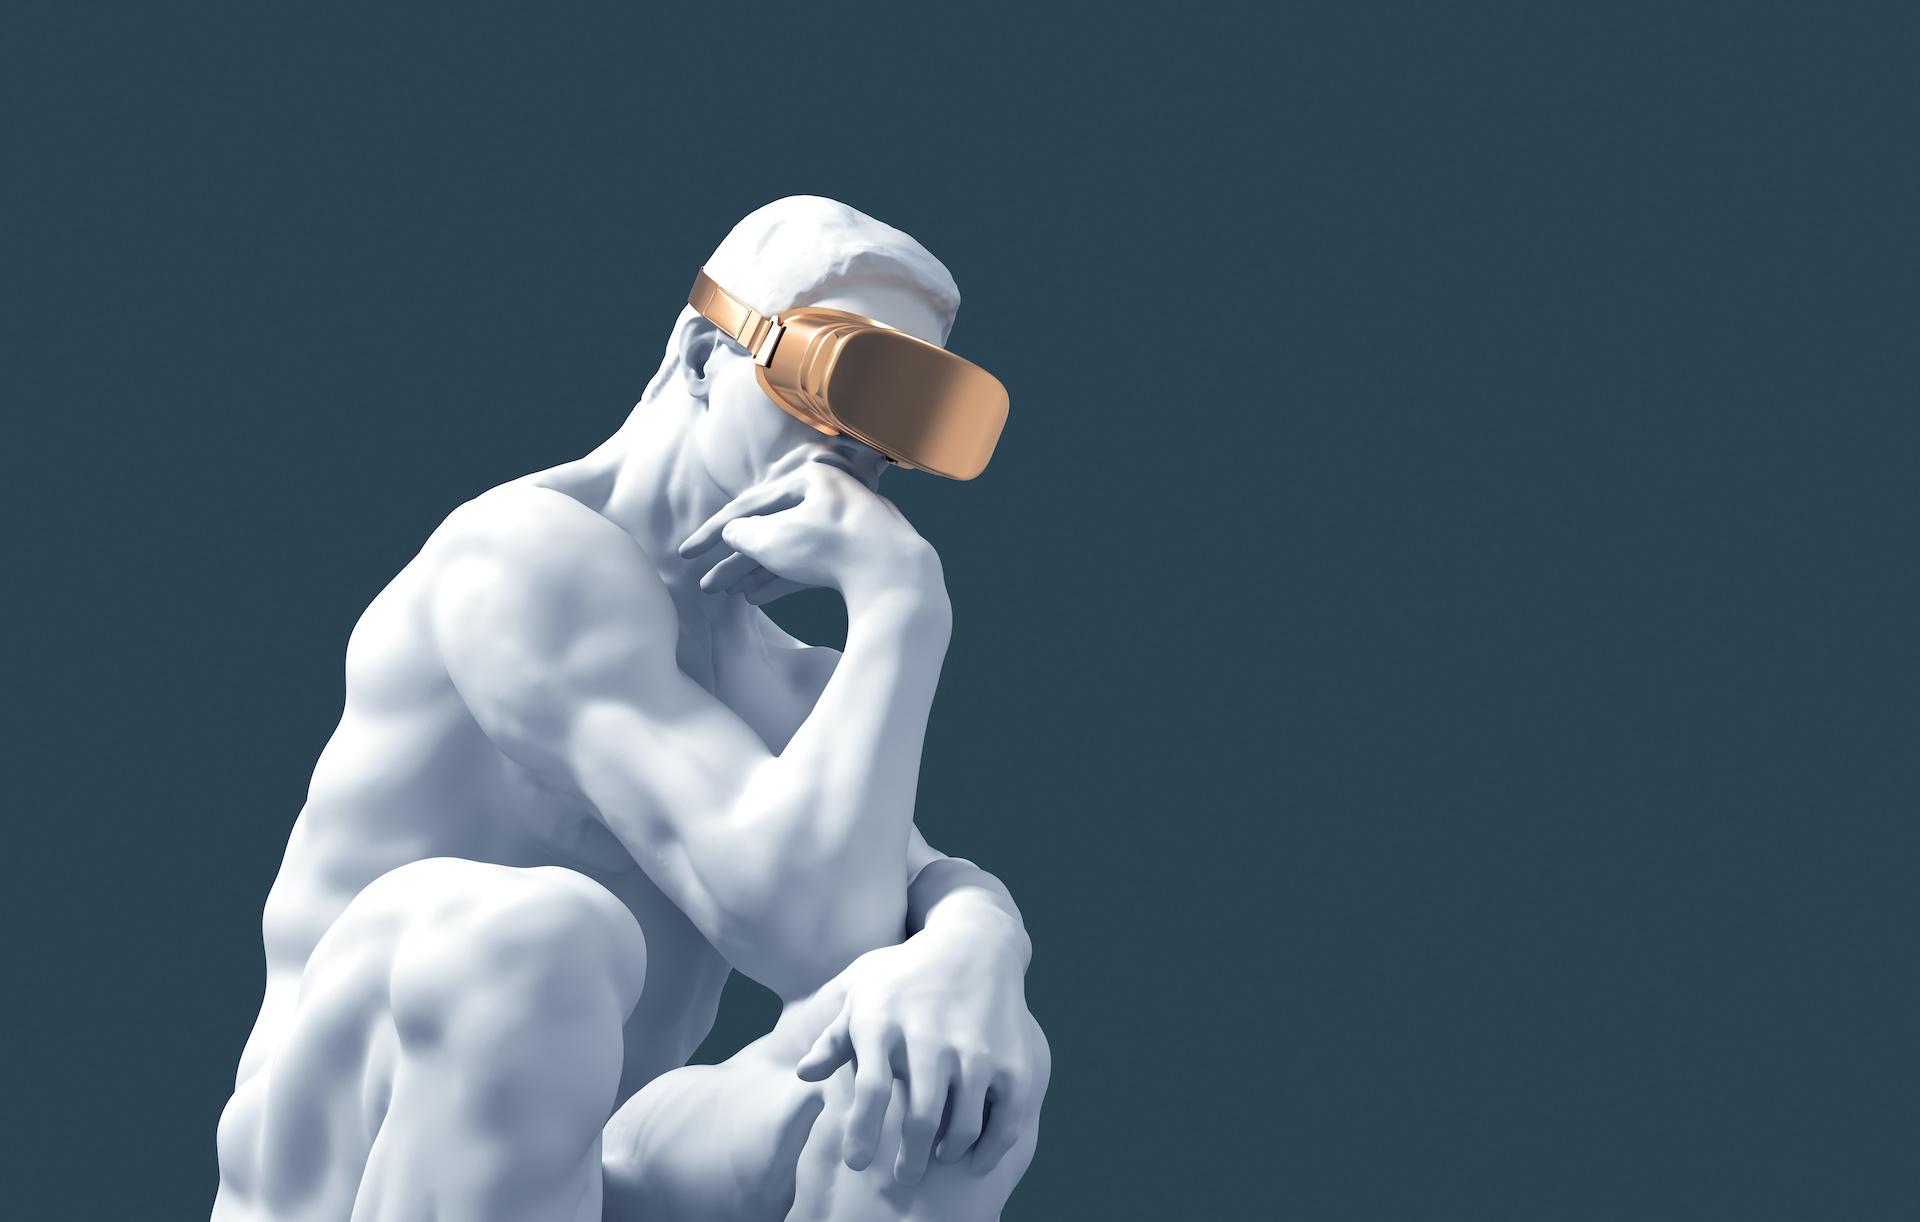 Starozytna rzeźba - postać siedzącej osoby podpierającej głowę ręką ze złotymi goglami VR na oczach.